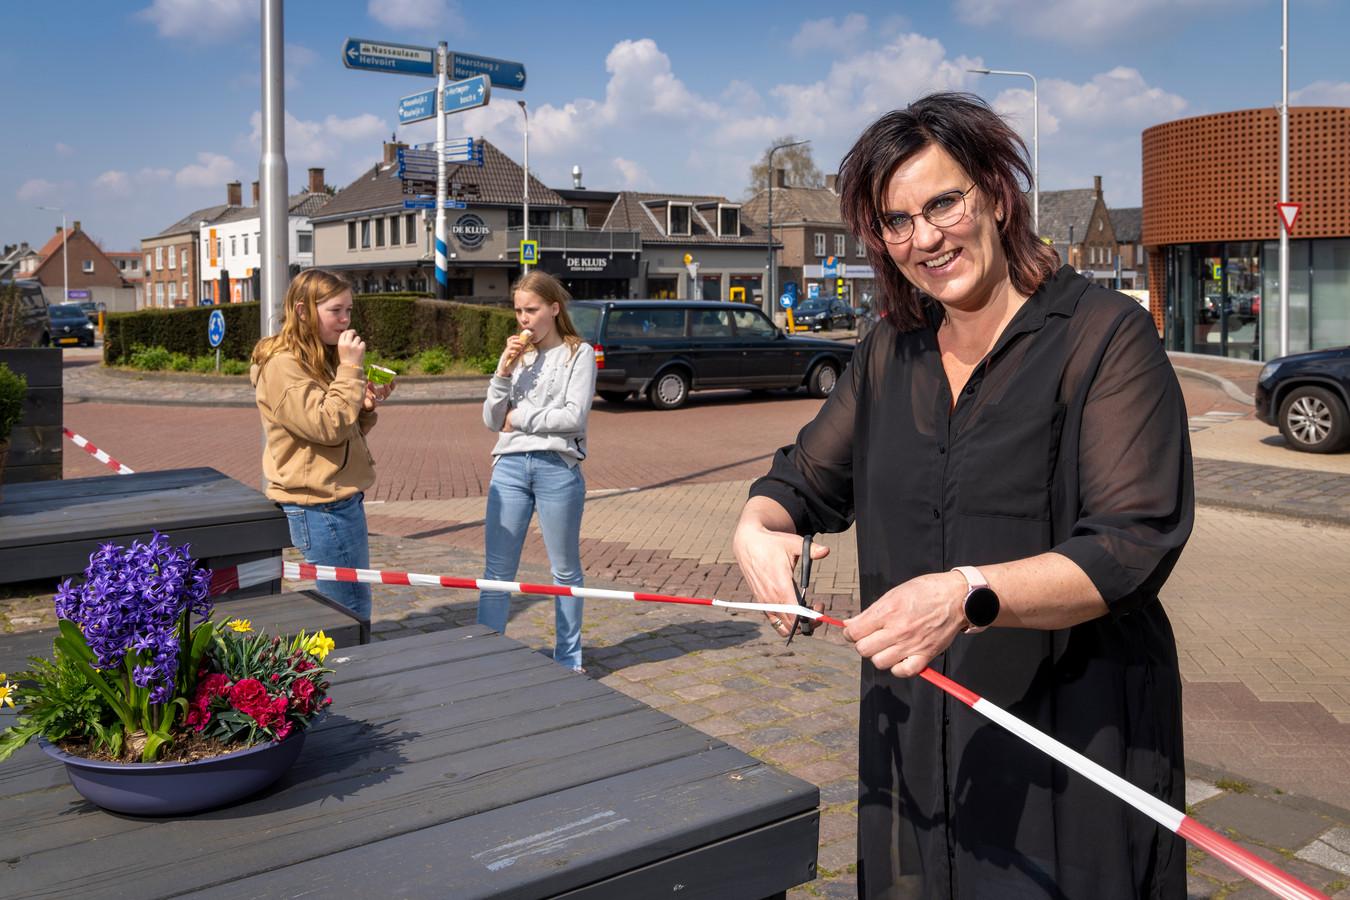 Nog even en Wendy Overdijkink van het IJs en Taartmoment in Vlijmenkan de schaar in het coronalint zetten. Op de achtergrond restaurant De Kluis  Eten en Drinken, dat het afgelopen amper open is geweest.